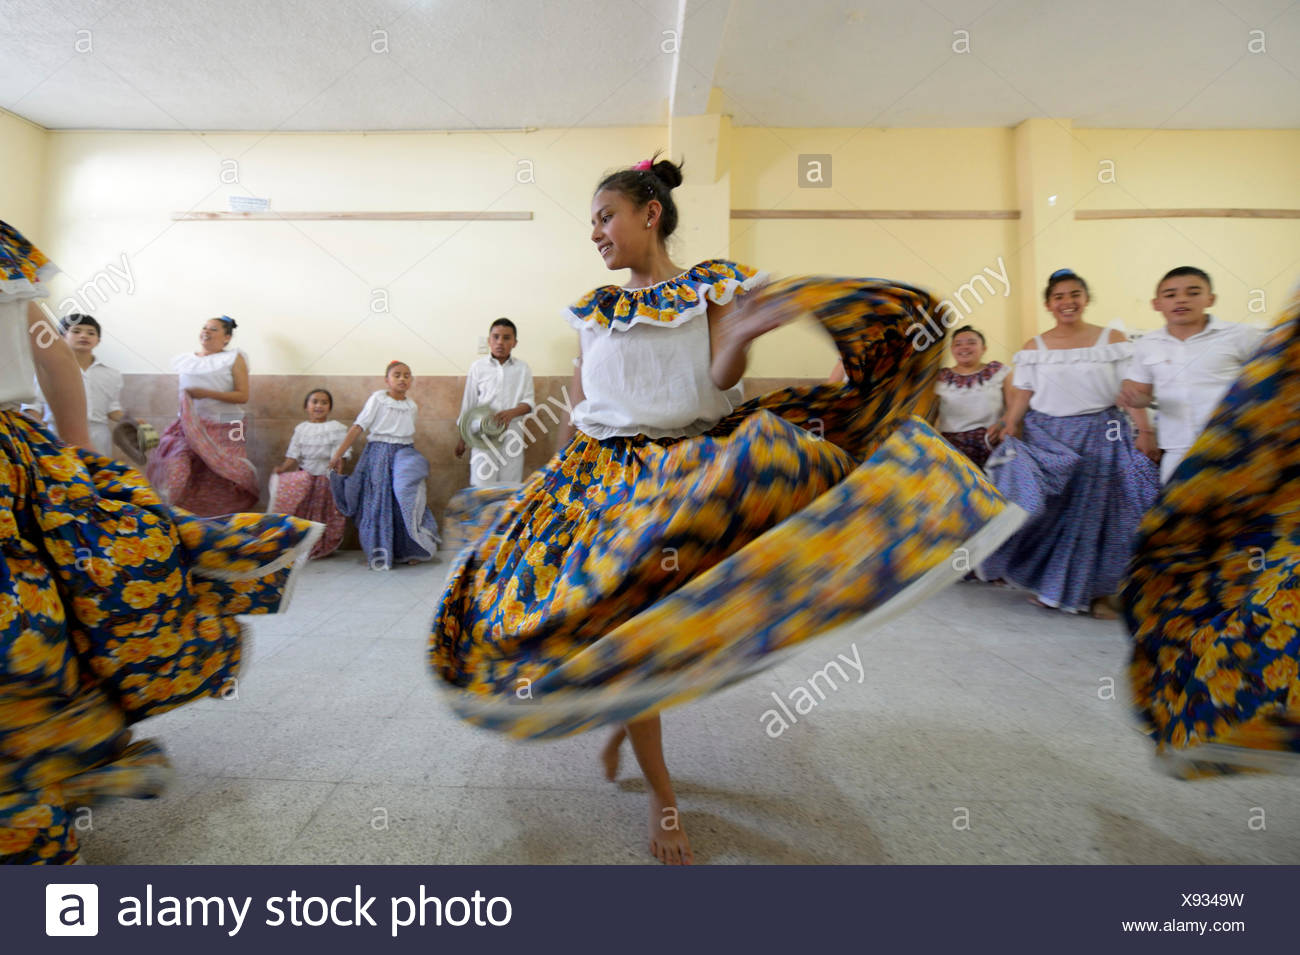 Jupe fille danser, voler, groupe de danse, danse folklorique, danse traditionnelle, Barrio San Martín, Bogotá, Colombie Photo Stock